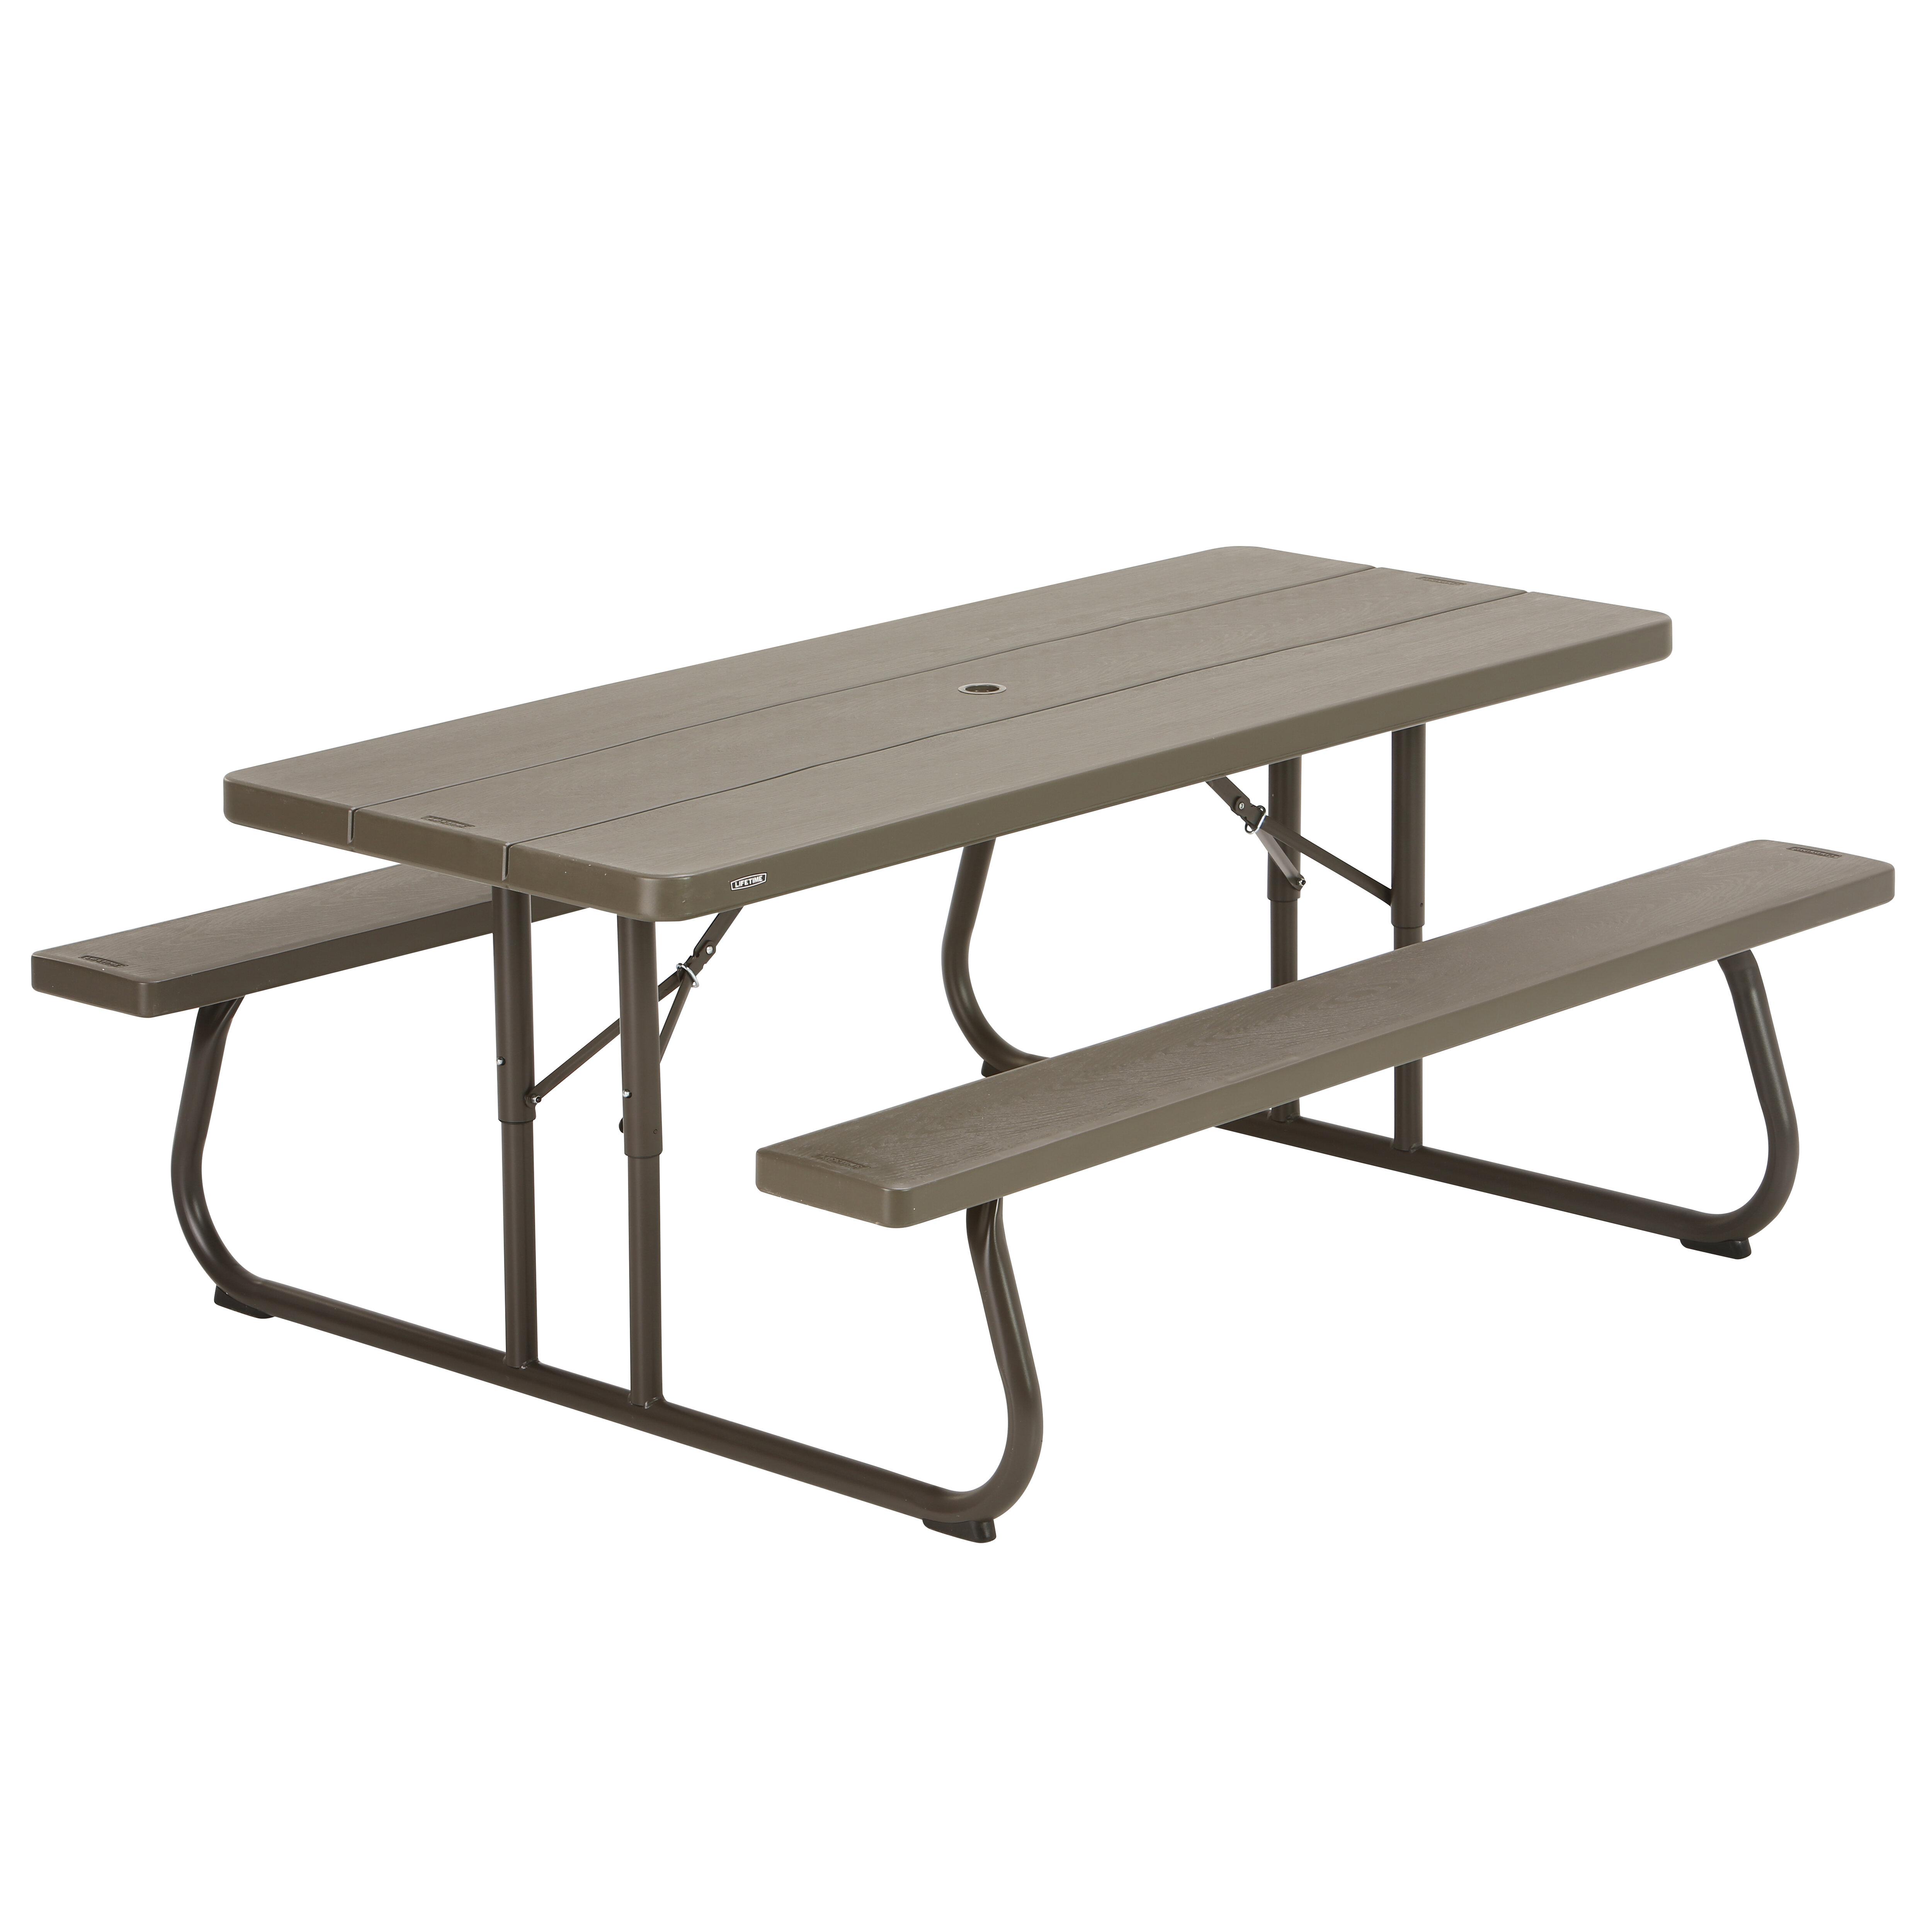 Tables en métal de jardin: Caractéristiques - Pliable | Wayfair.ca